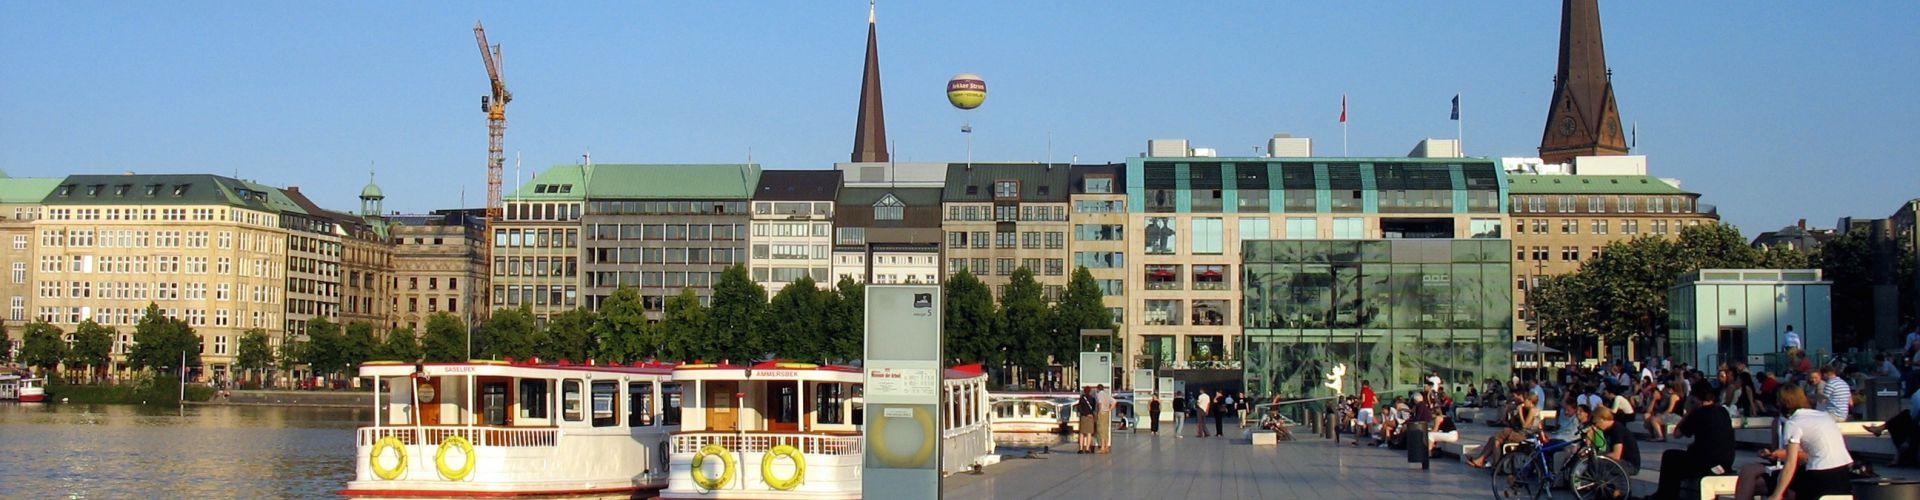 Hamburg Hotel Stephan